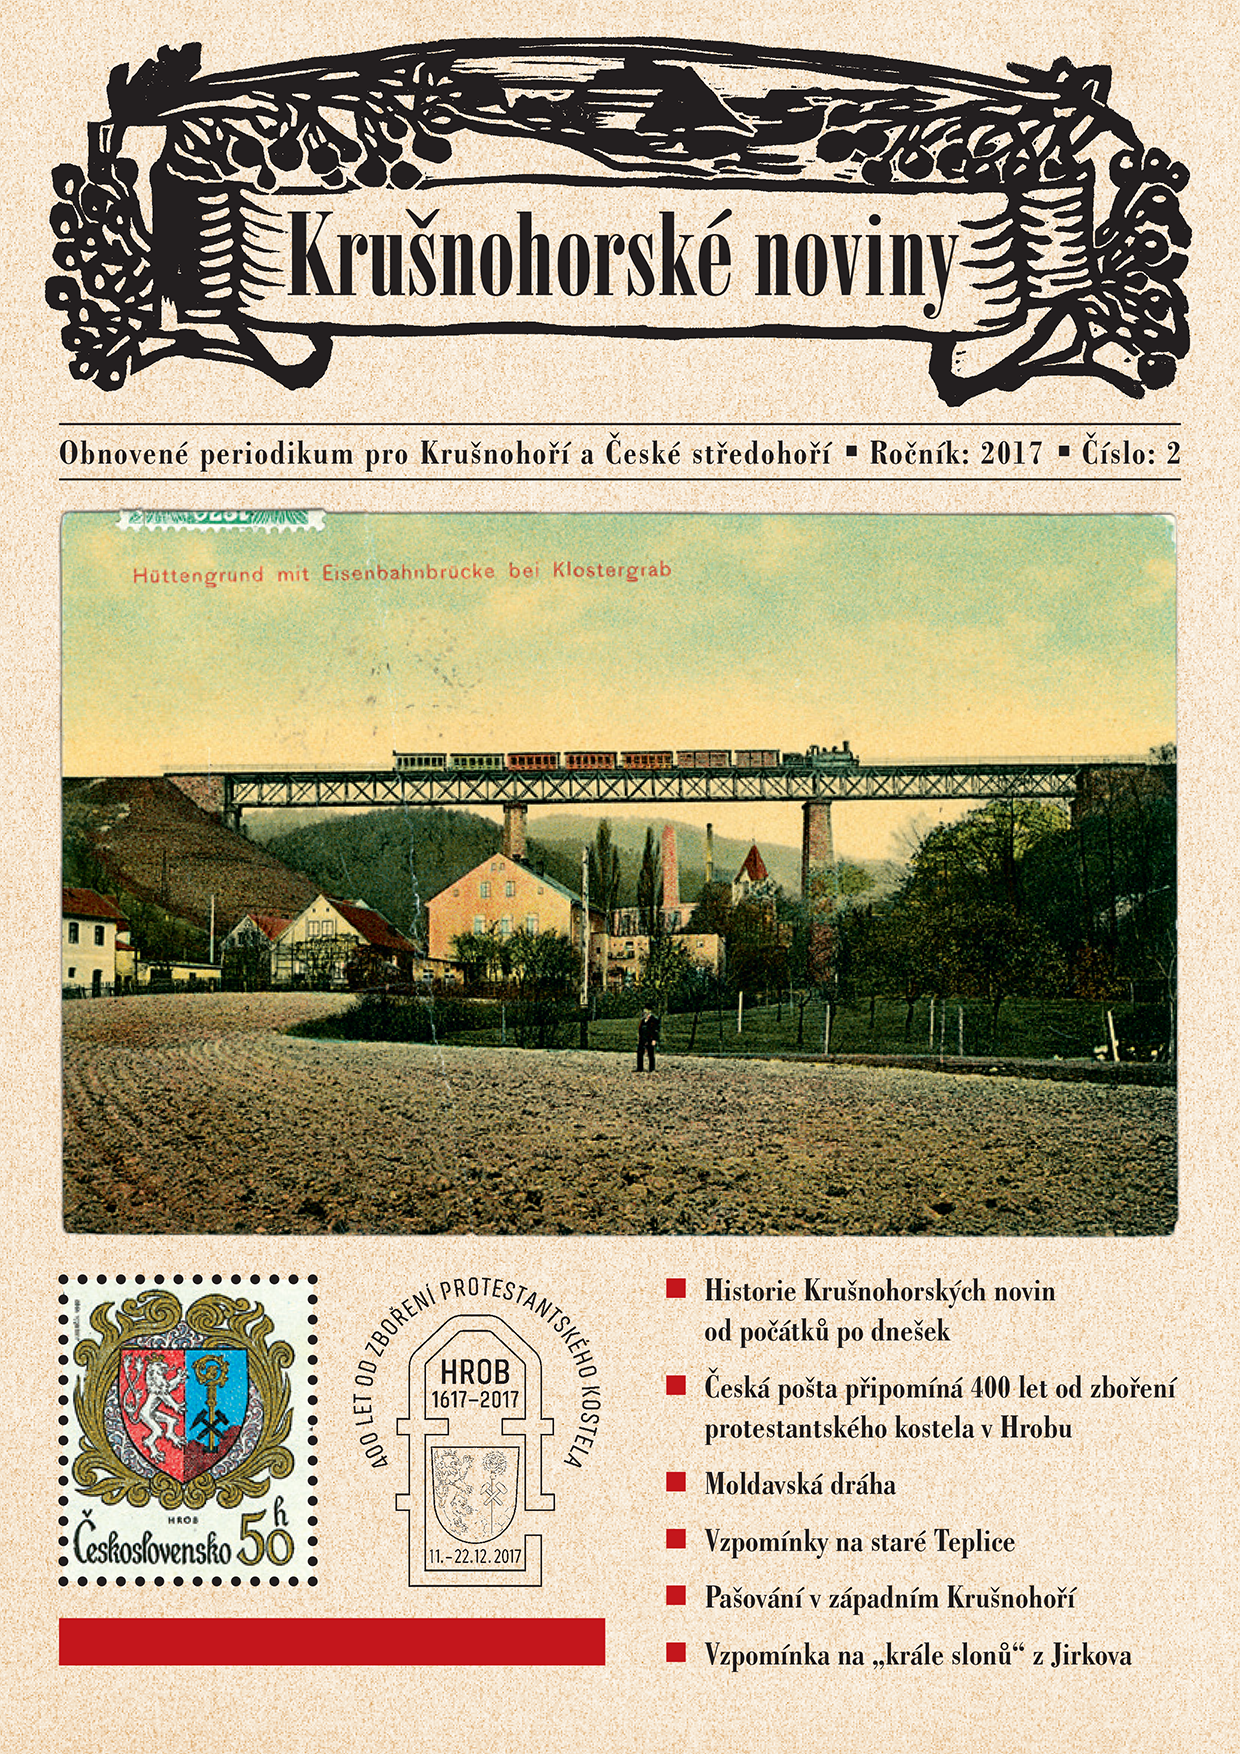 Krušnohorské noviny 02/20178